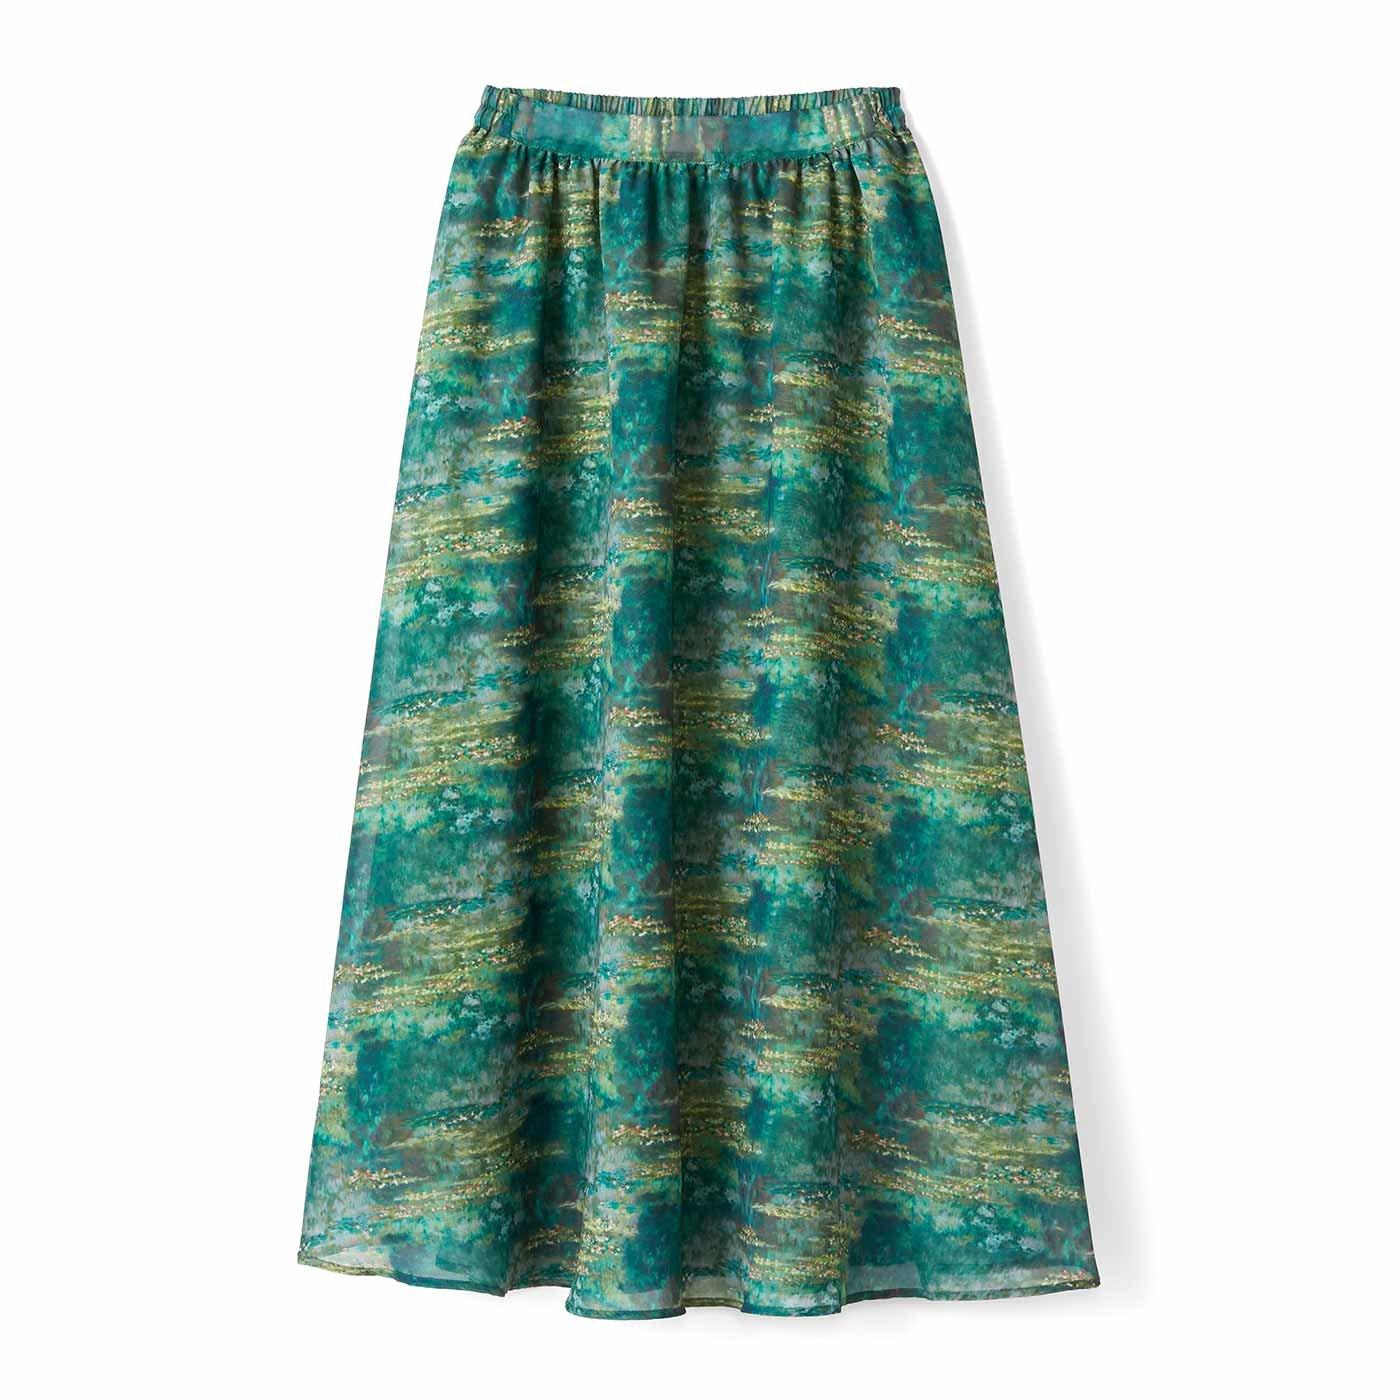 【3~10日でお届け】IEDIT[イディット] モネの睡蓮をまとうシフォンスカート〈グリーン〉